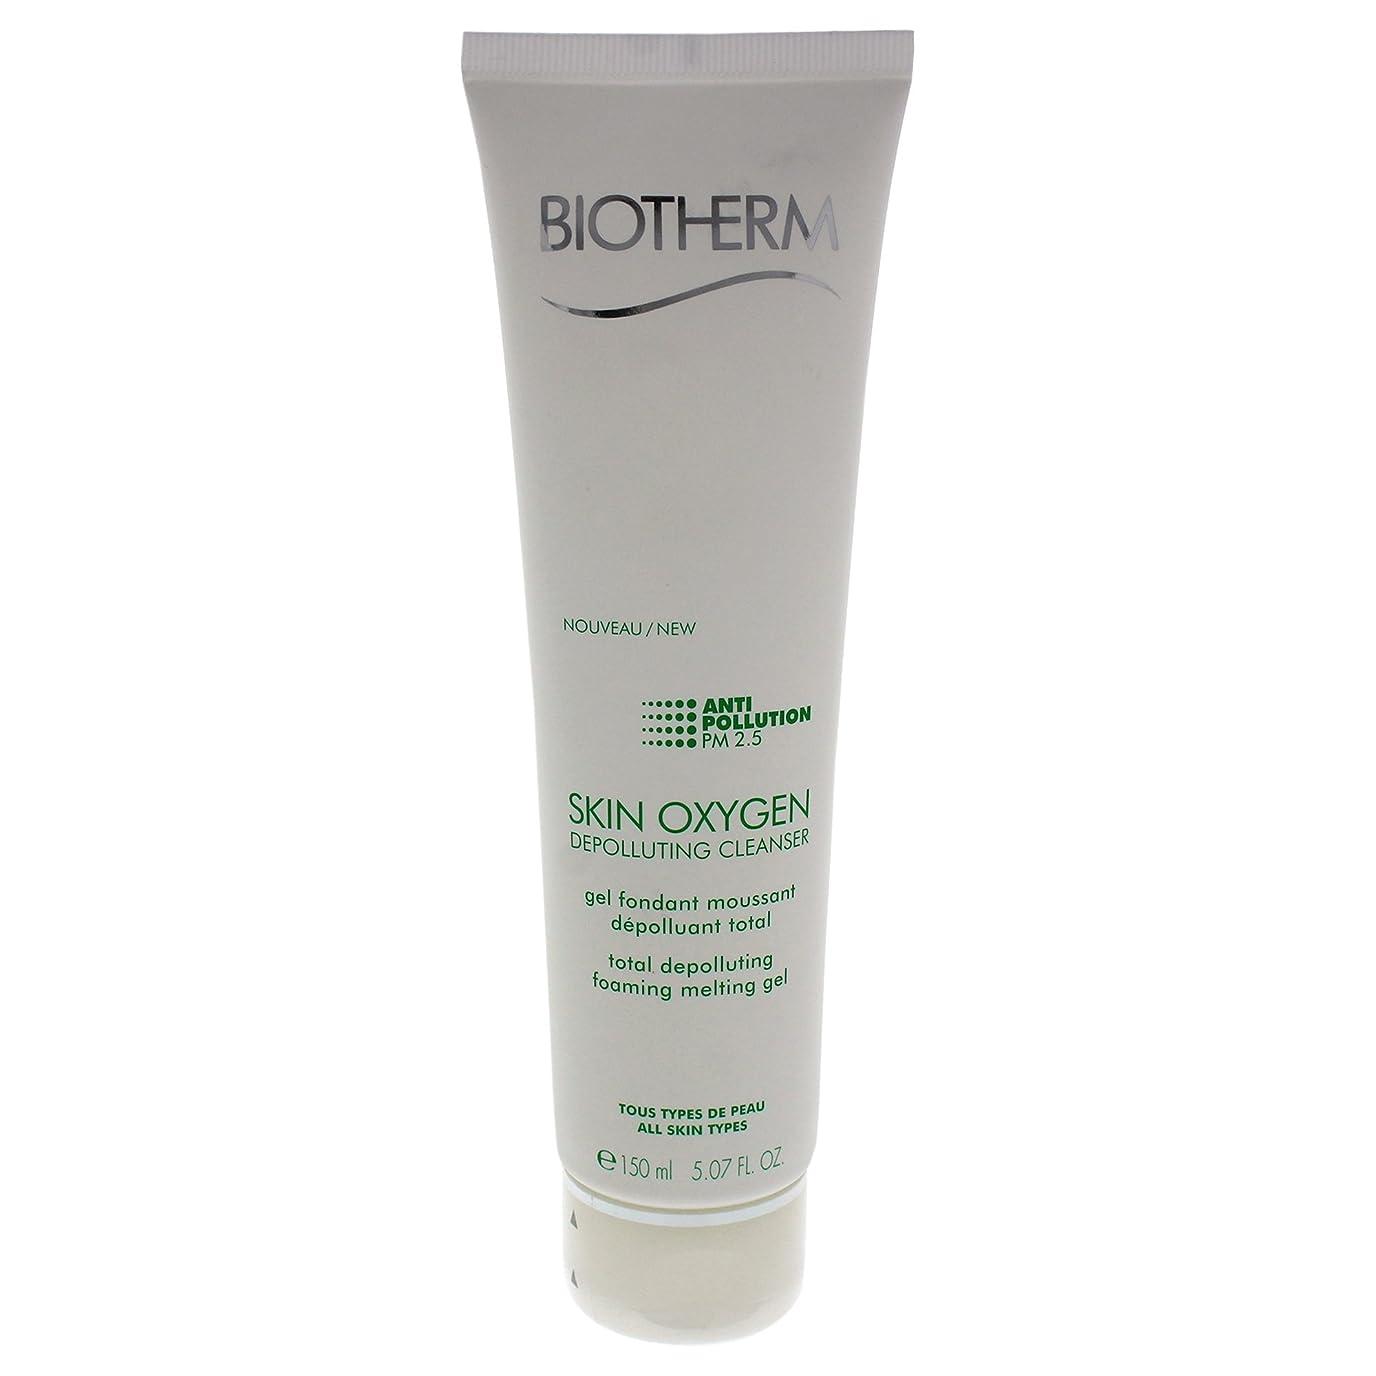 トライアスリートソート画家ビオテルム Skin Oxygen Depolluting Cleanser 150ml/5.07oz並行輸入品